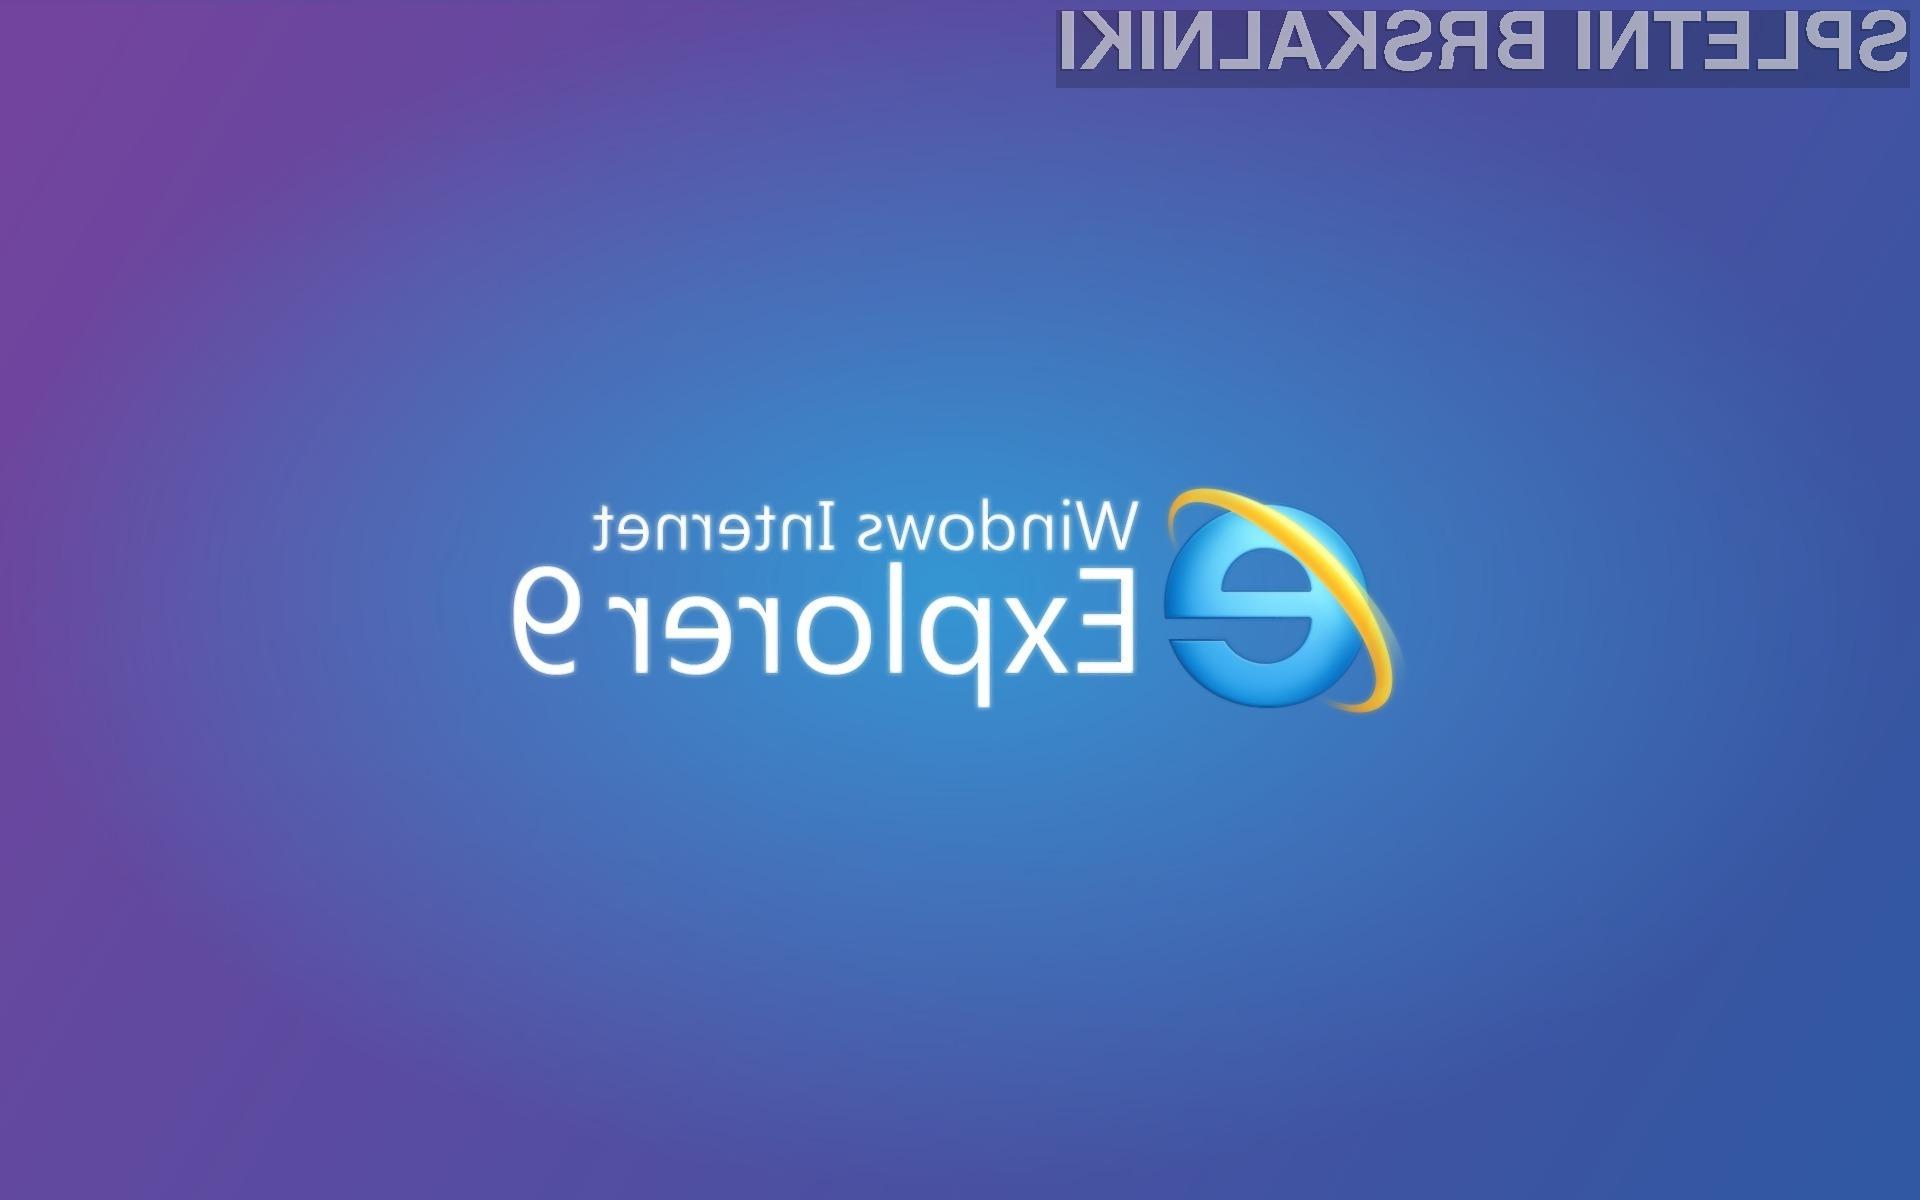 Kljub številnim novostim bo Internet Explorer 9 bil težko bitko s konkurenti.